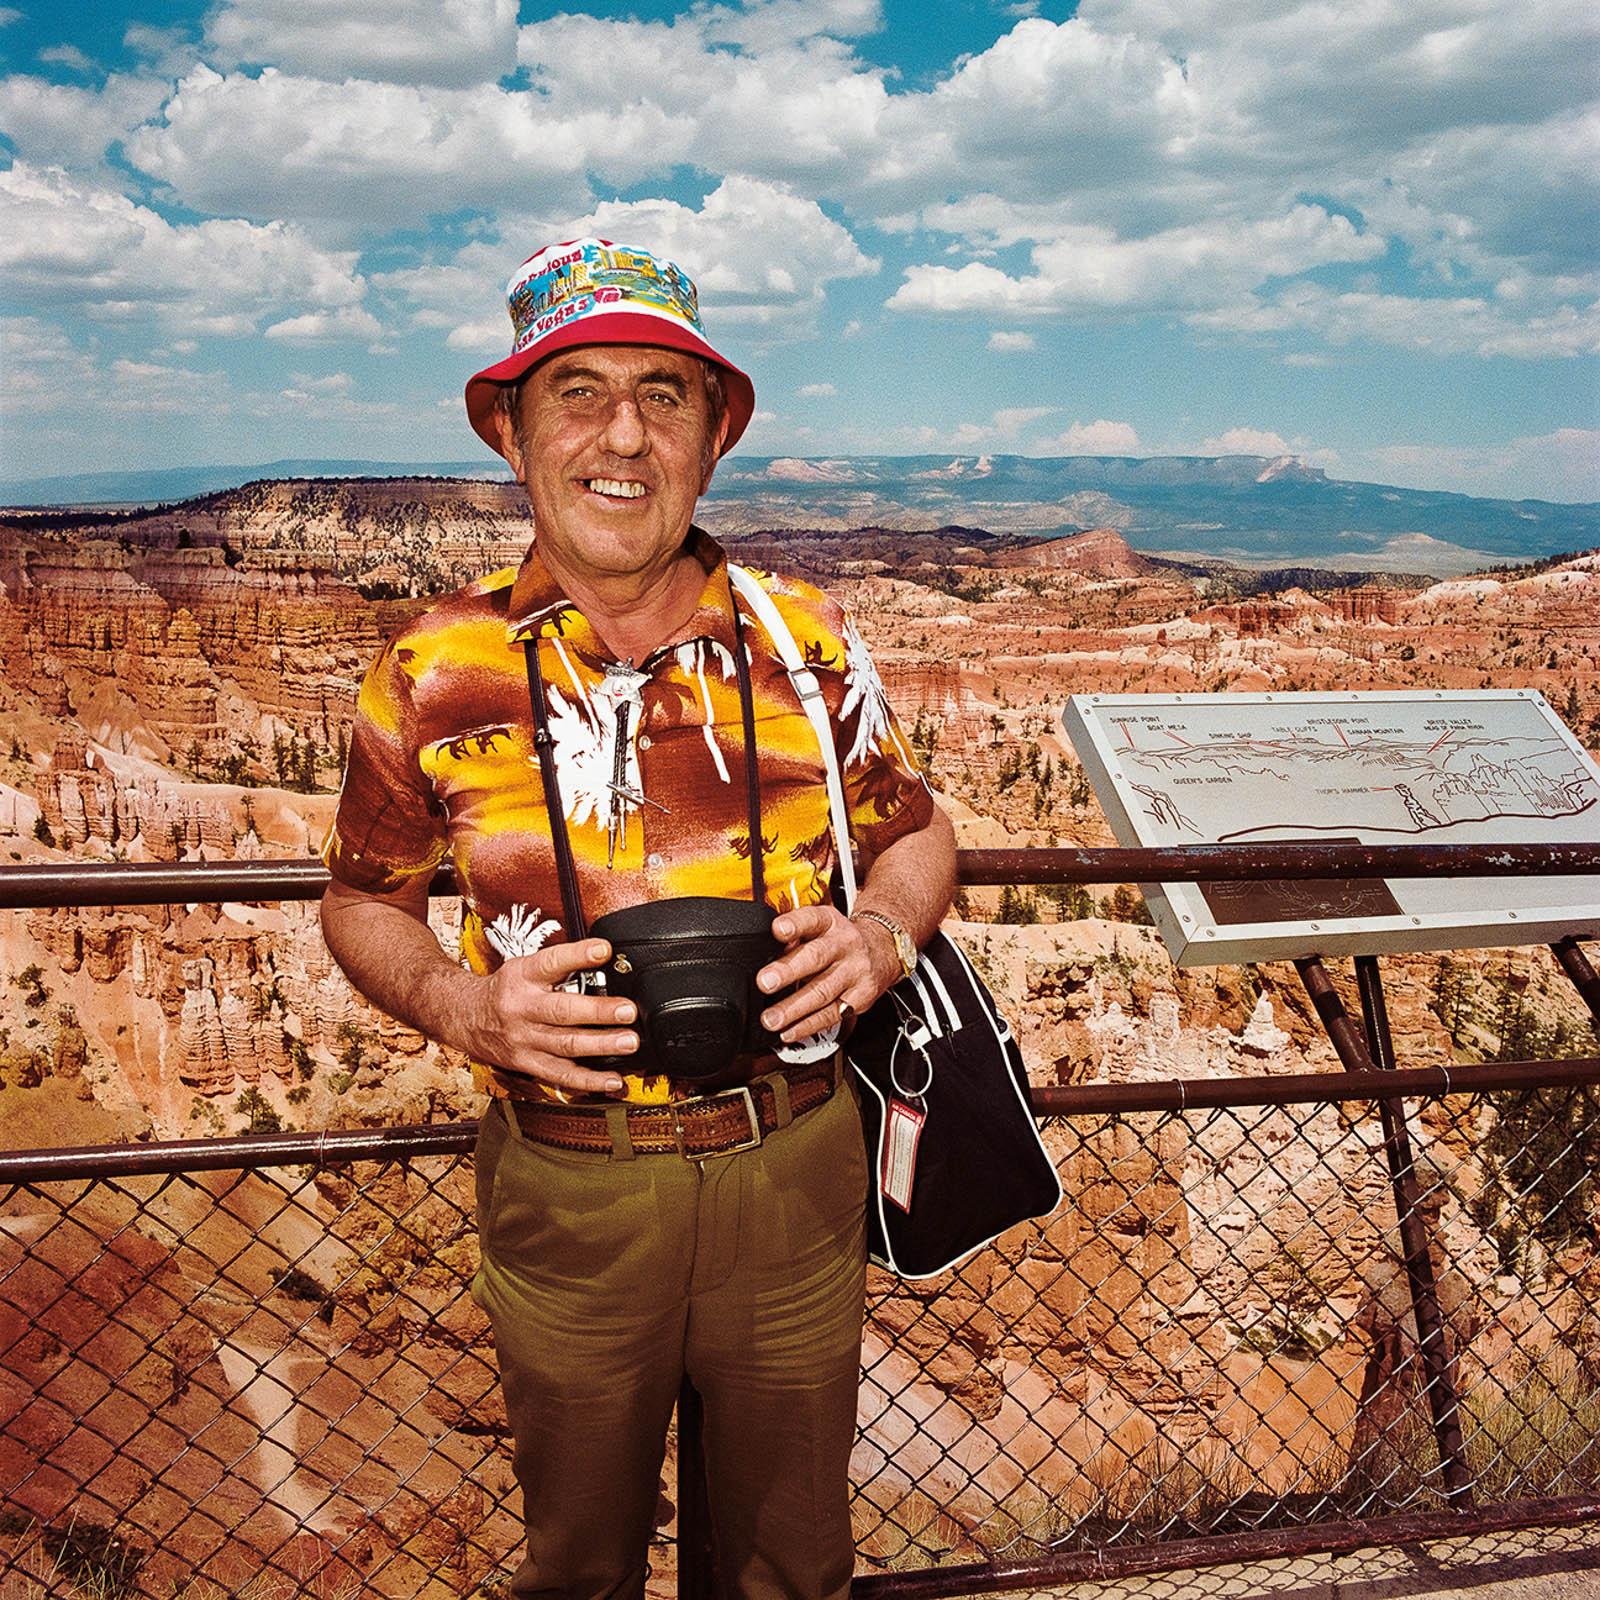 Man at Bryce Canyon National Park, Utah 1980